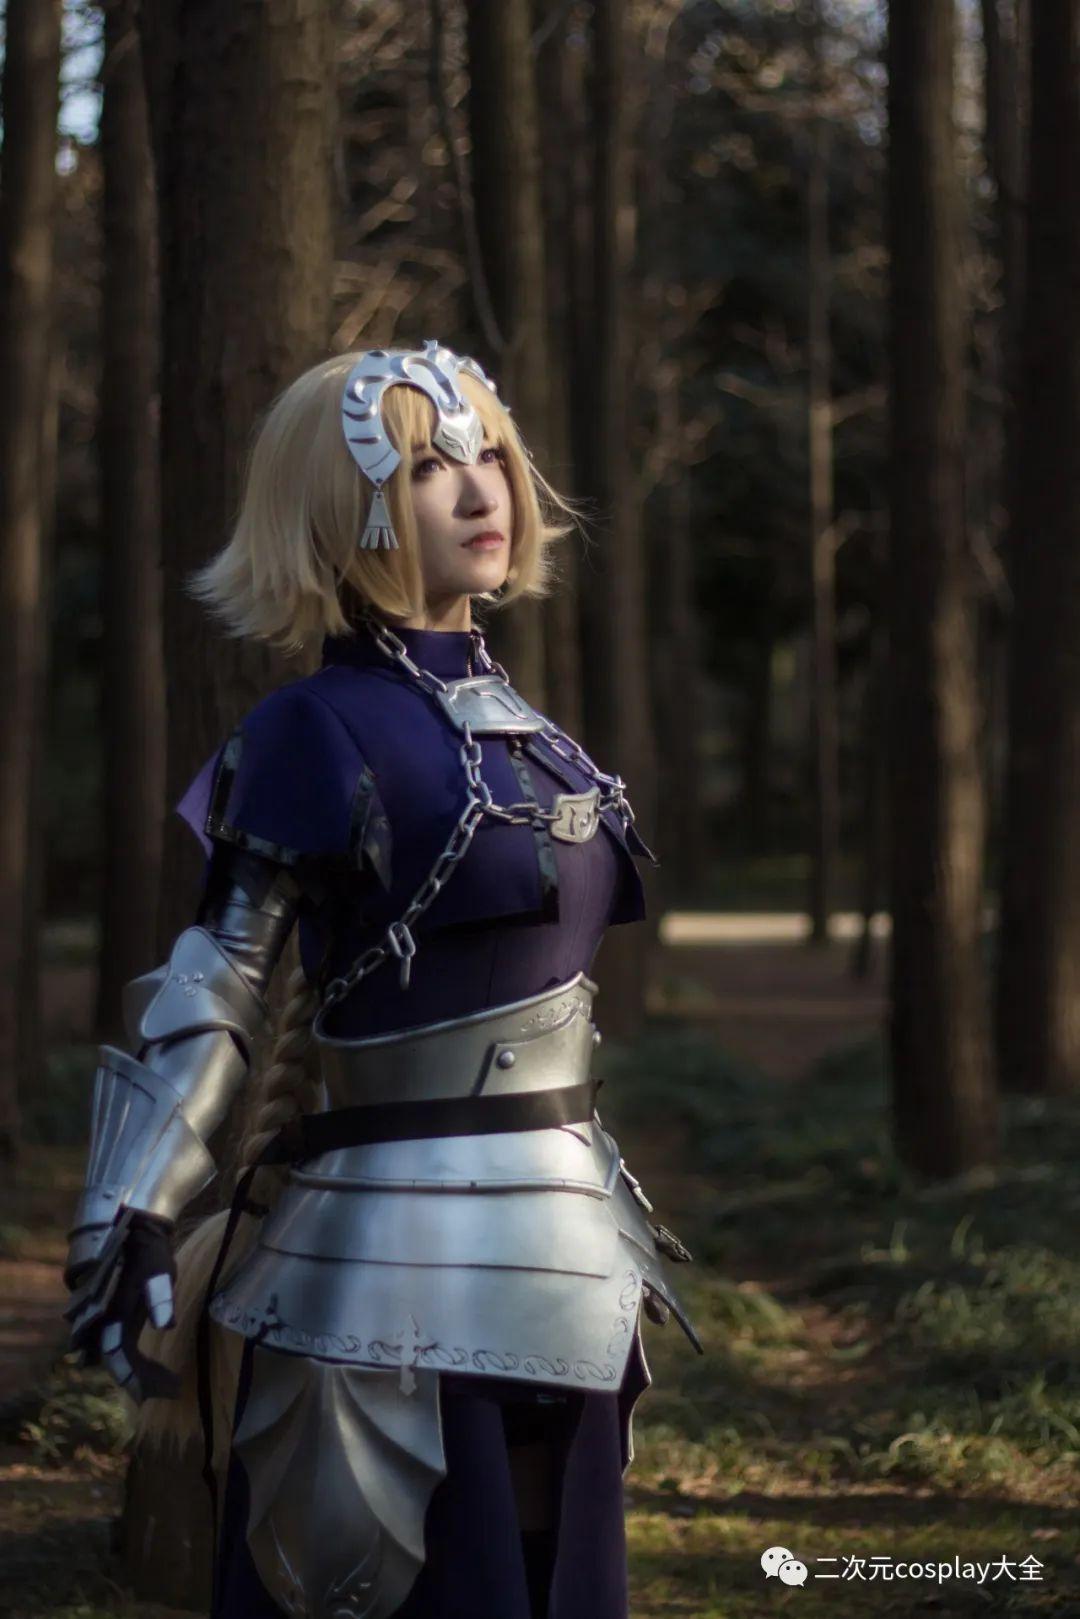 cosplay – FGO贞德,飒爽又有范,布景氛围更显帅气 - [leimu486.com] No.4